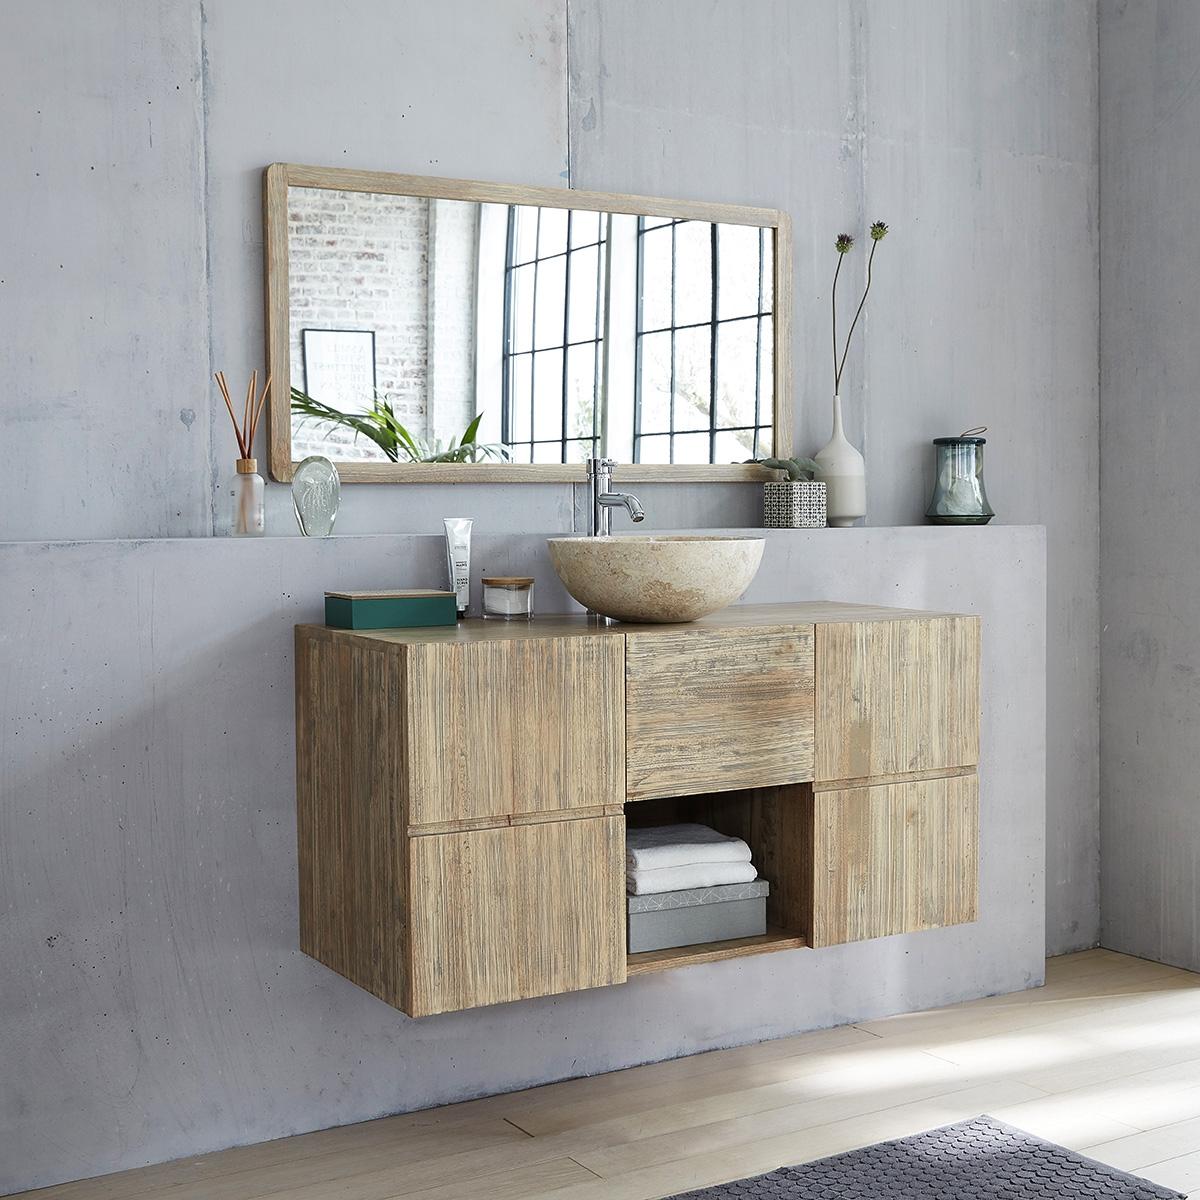 meuble de salle de bain en bois dhva suspendu 120 bois dessus bois dessous